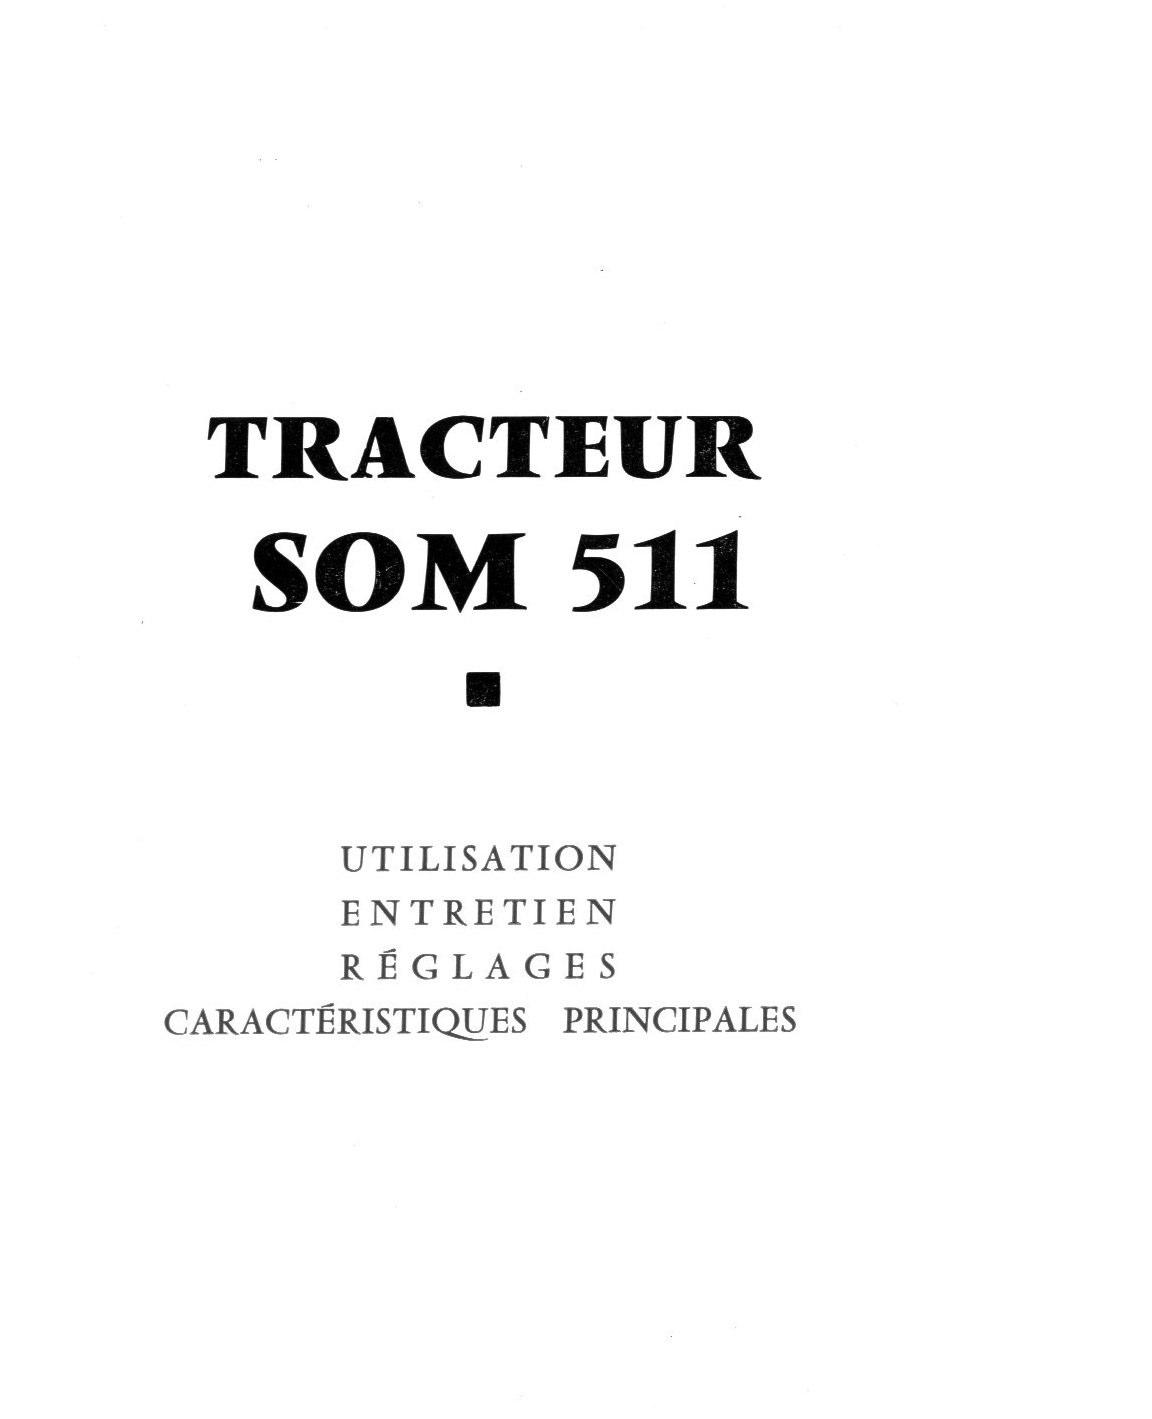 SOM 511.png